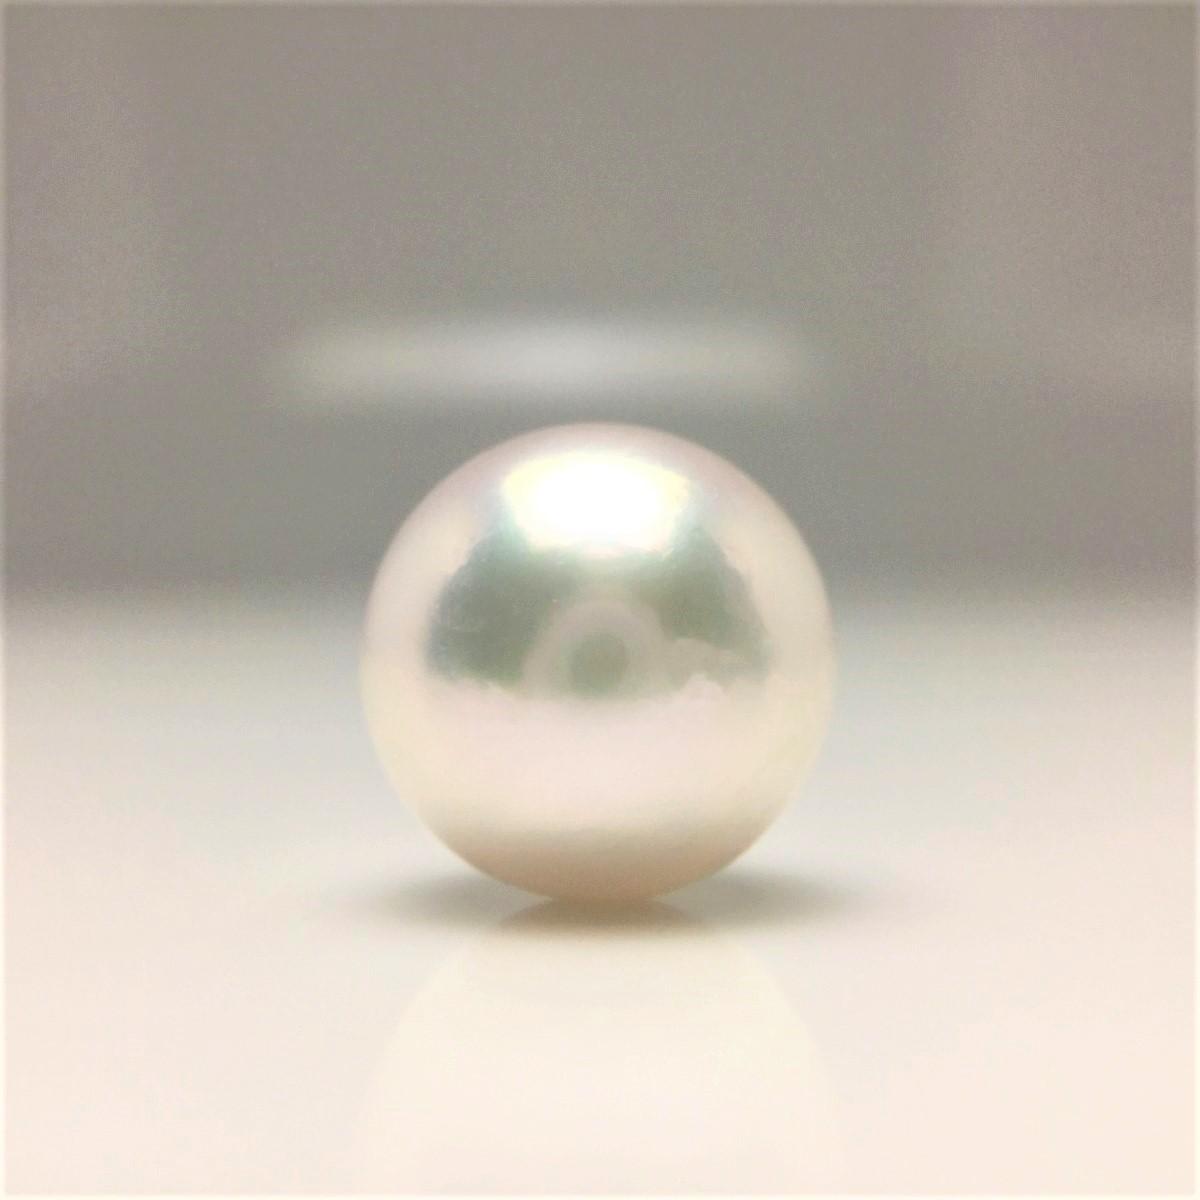 真珠 ネクタイピン パール アコヤ真珠 9.47mm ホワイトピンク Pt900 プラチナ 針 66796 イソワパール